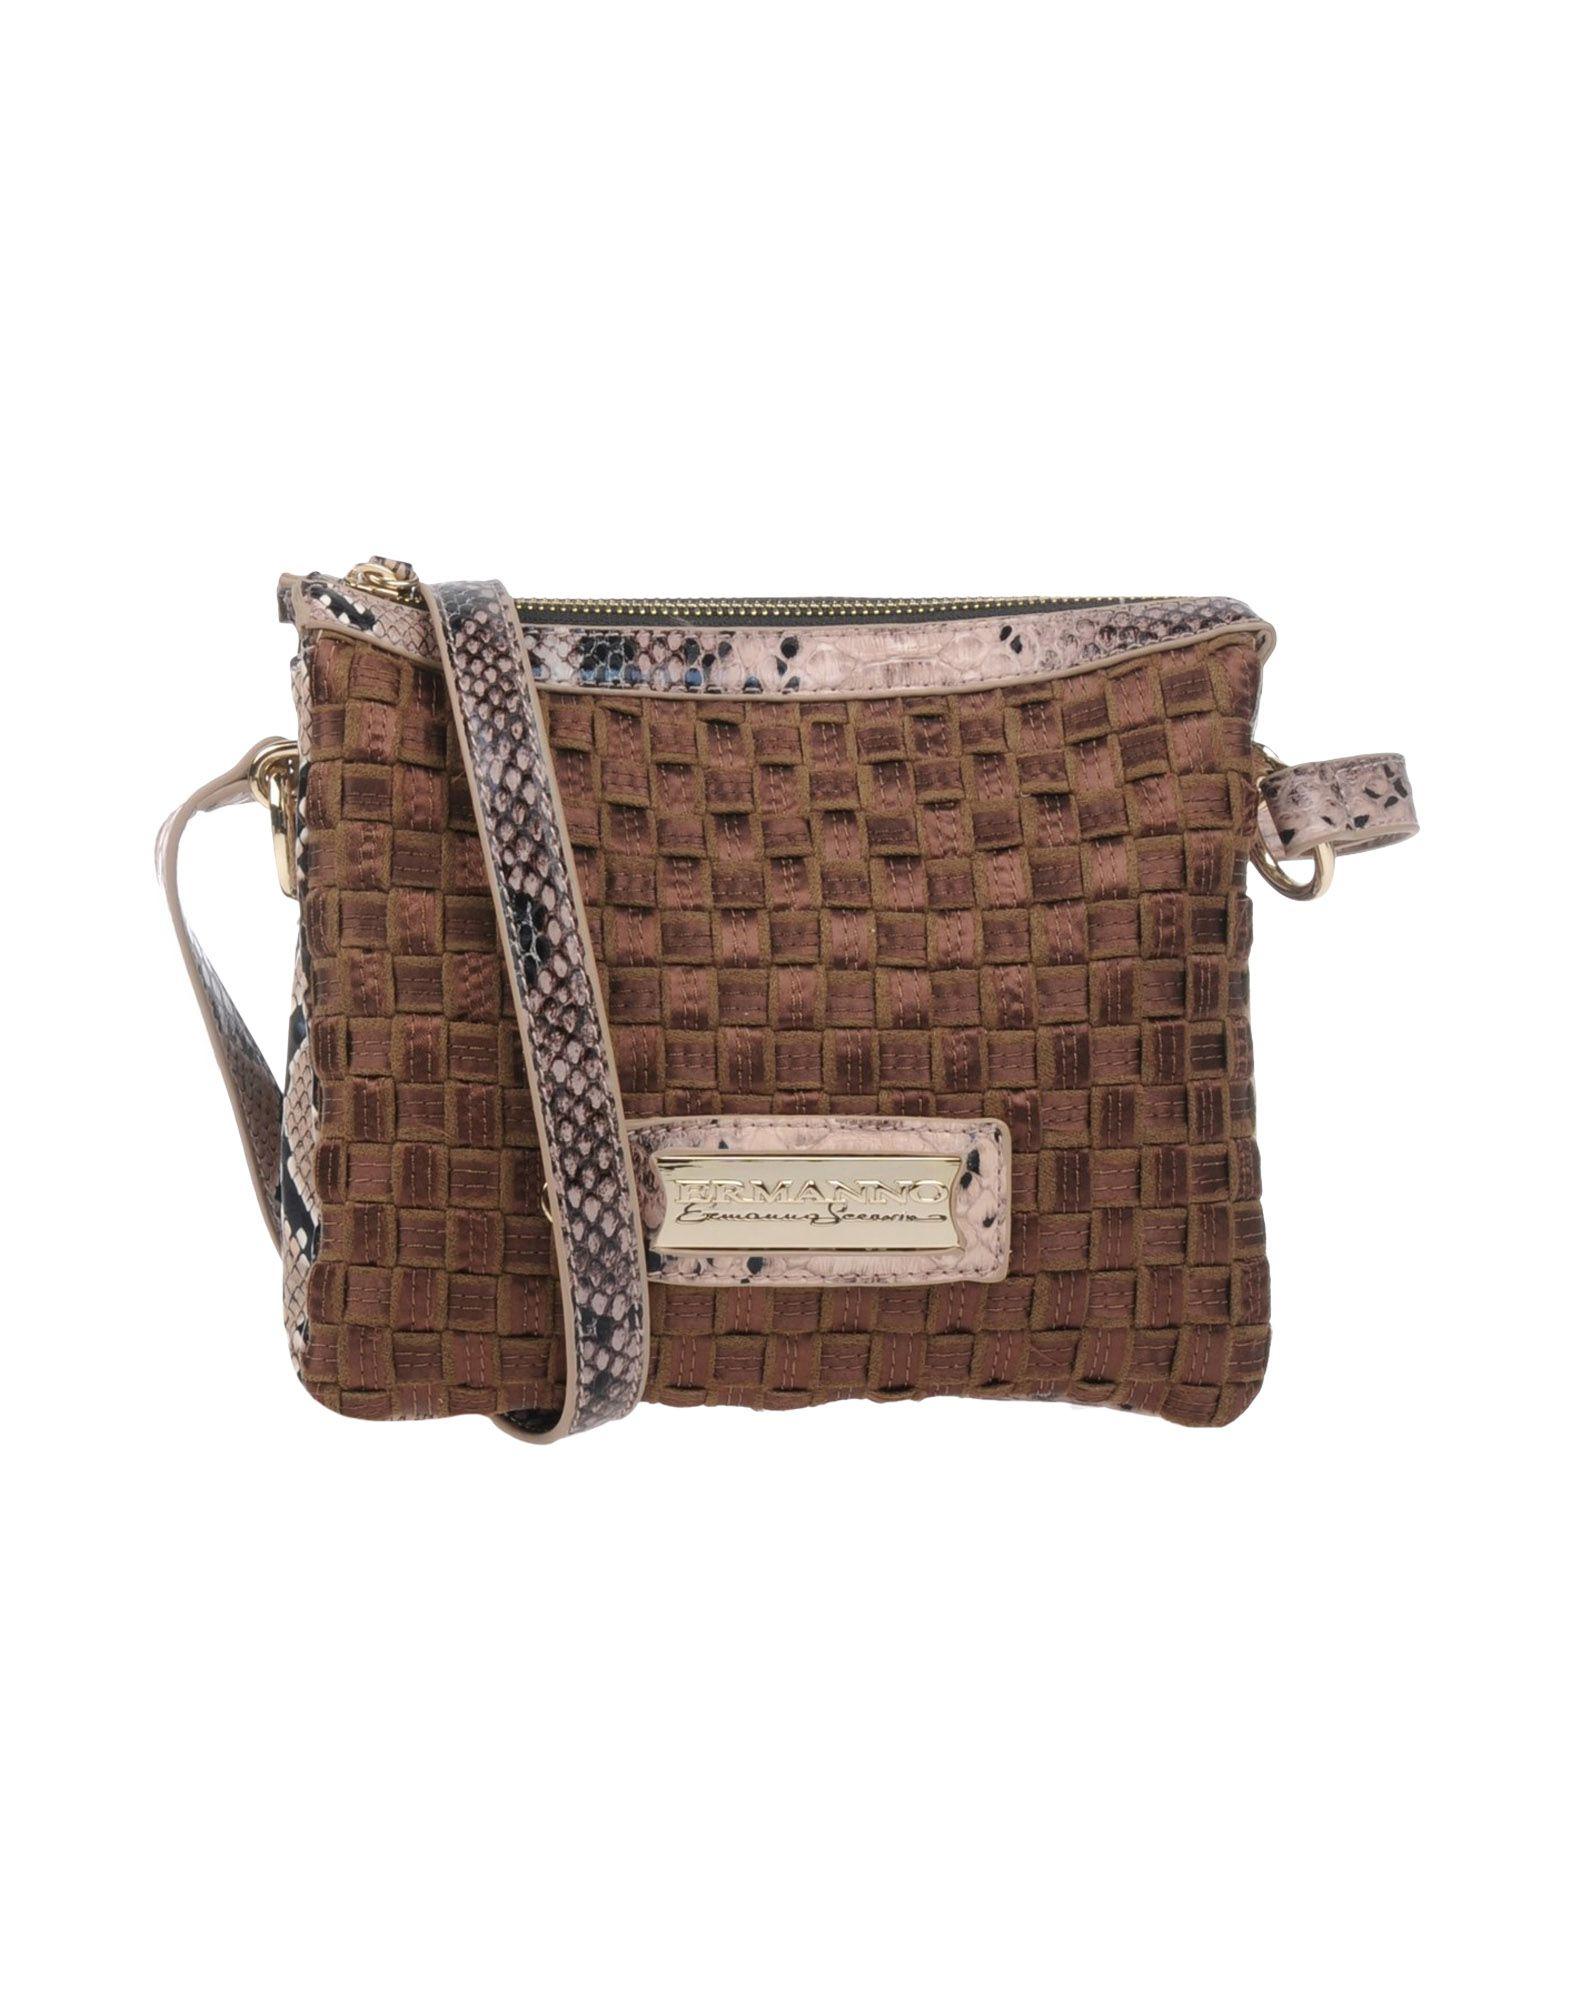 Ermanno Ermanno Scervino Underarm Bags in Brown (Cocoa)